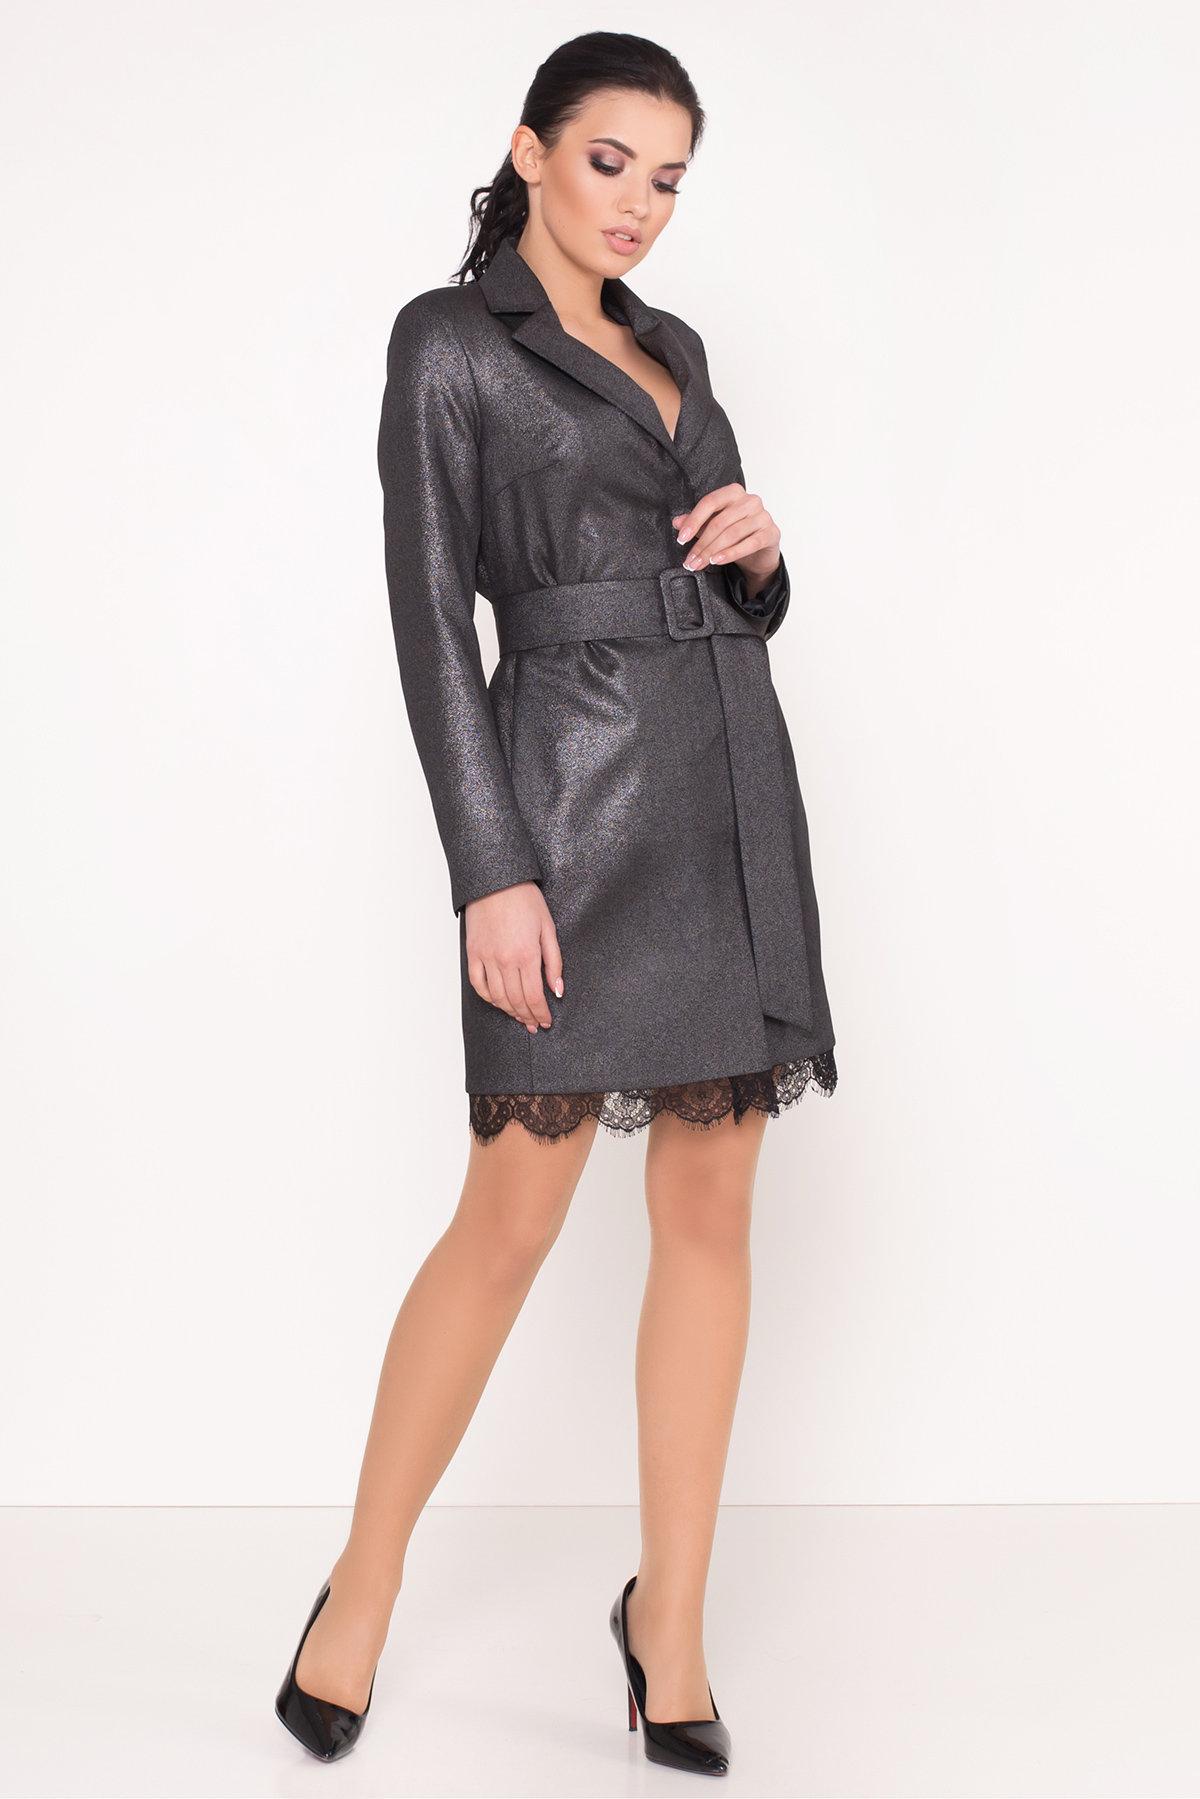 Платье-жакет Маренго 8587 АРТ. 44899 Цвет: Черный - фото 1, интернет магазин tm-modus.ru